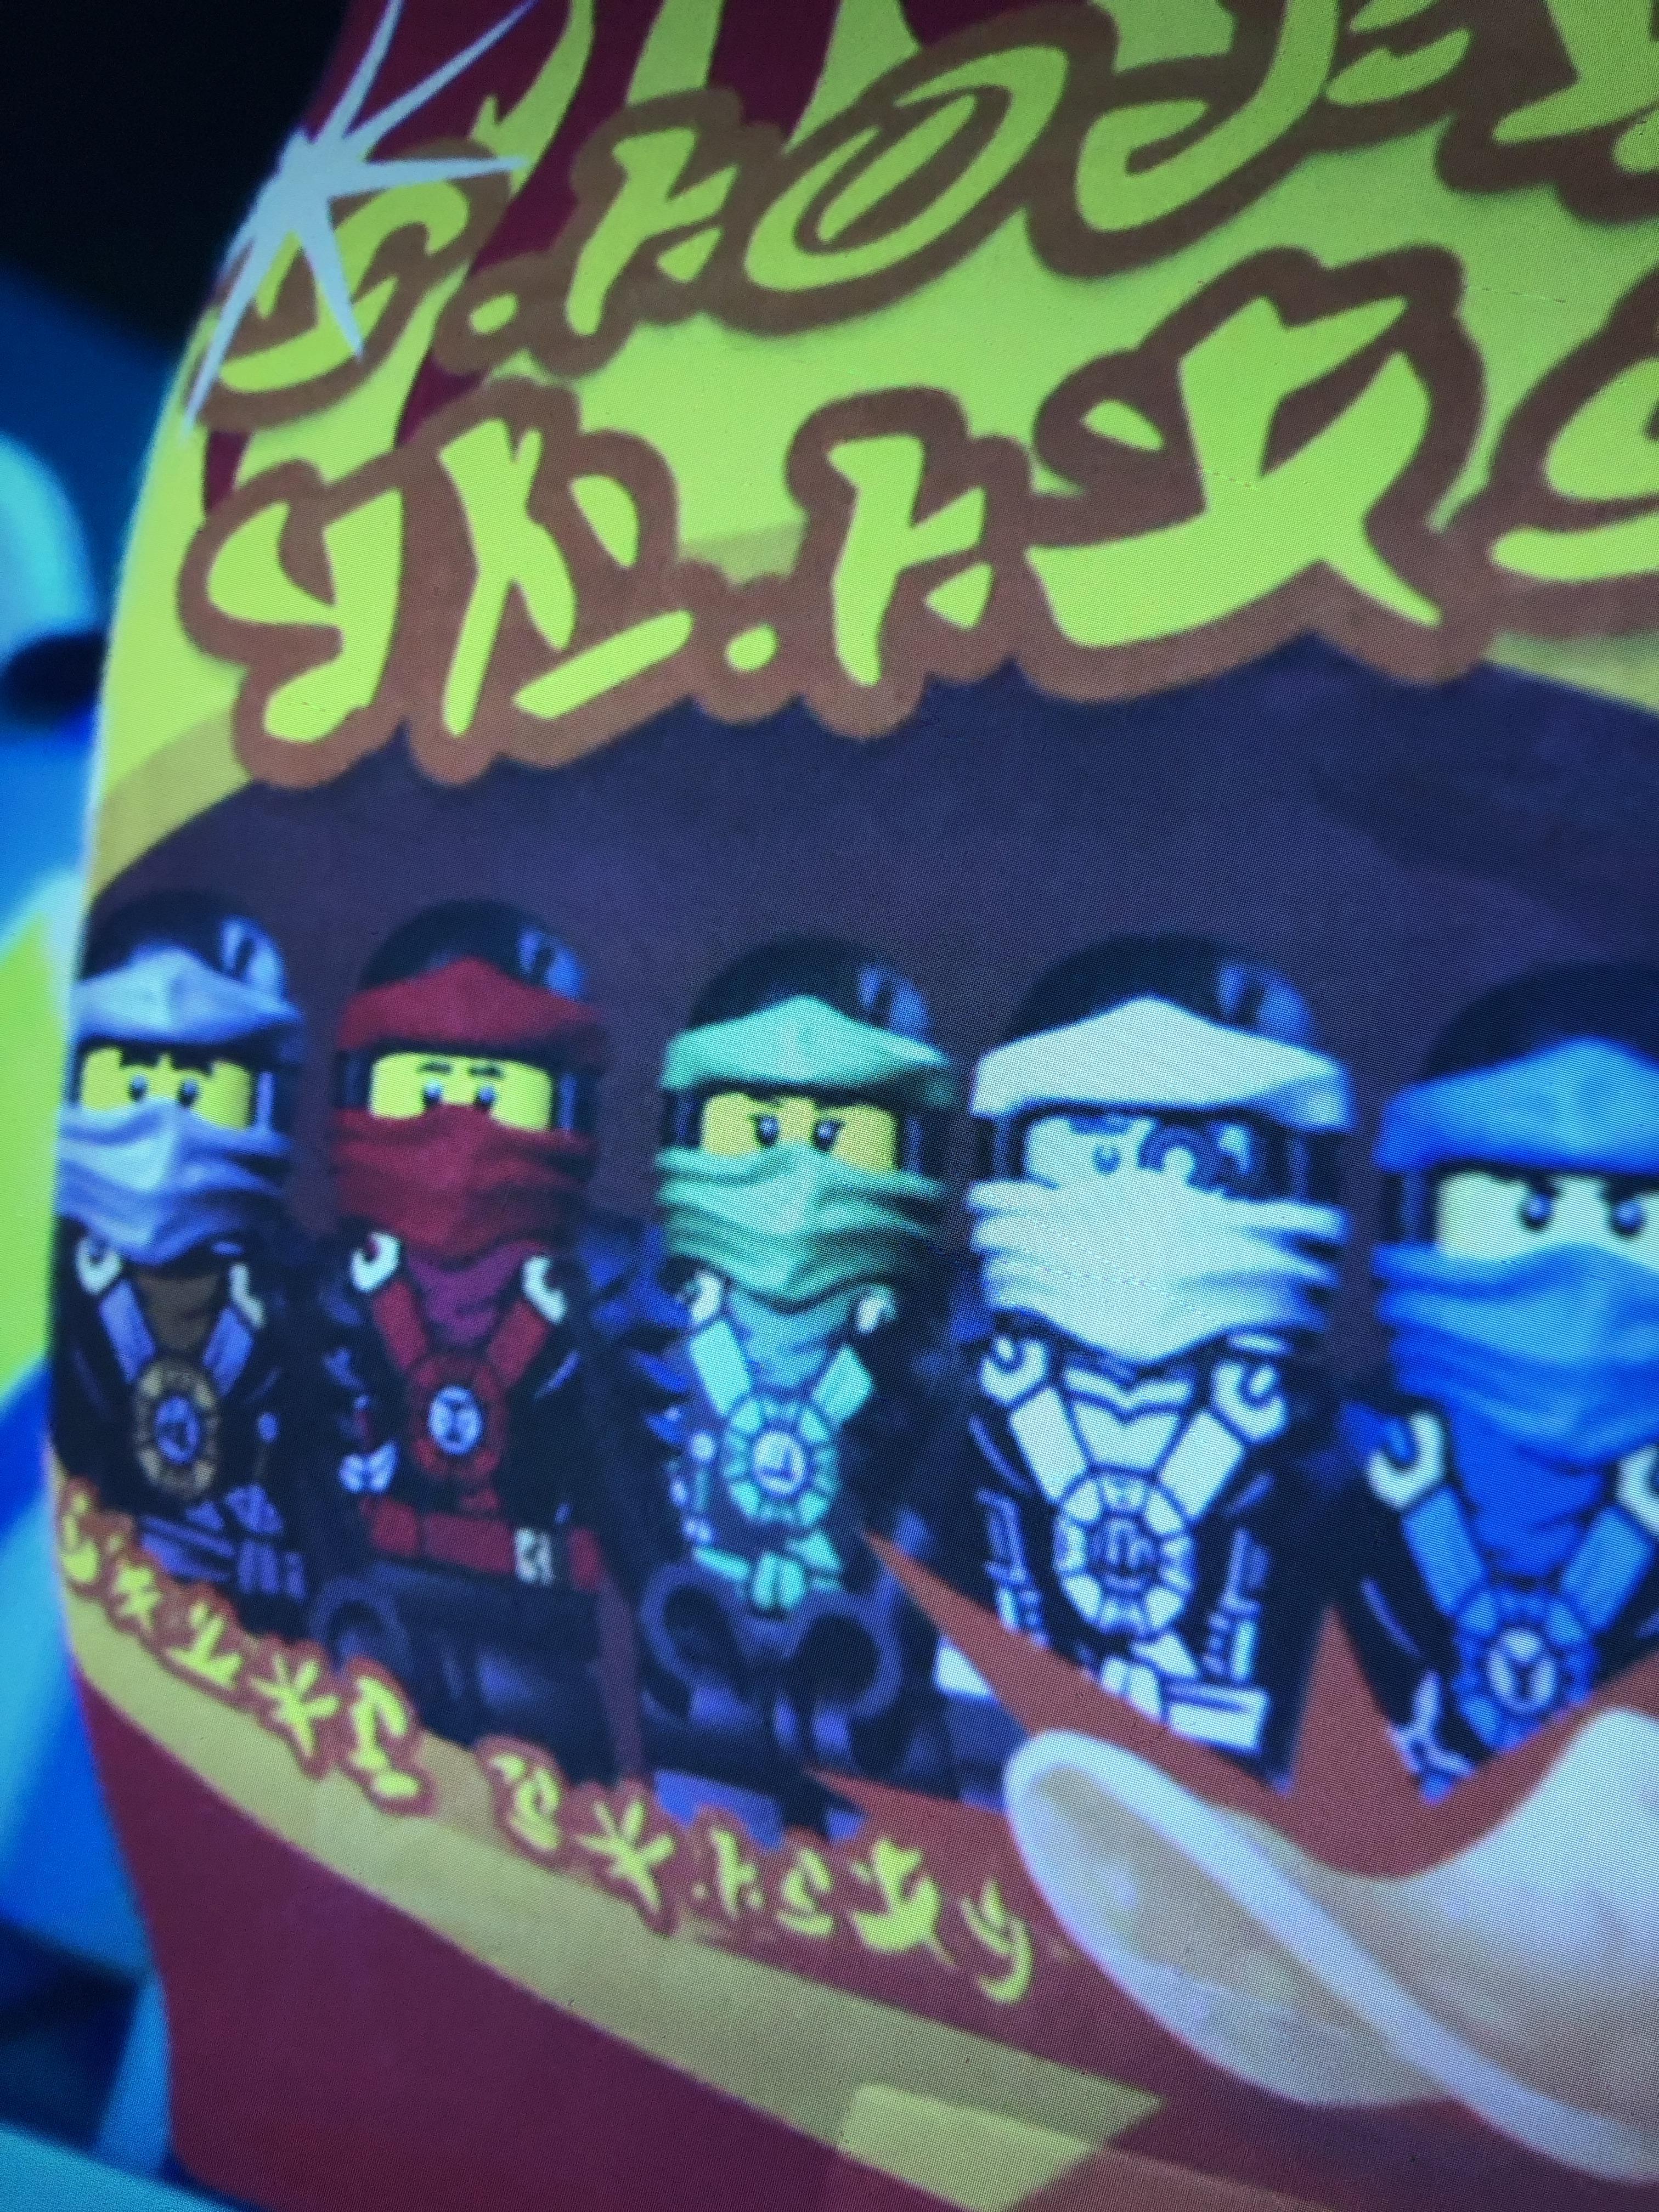 Ninja chips